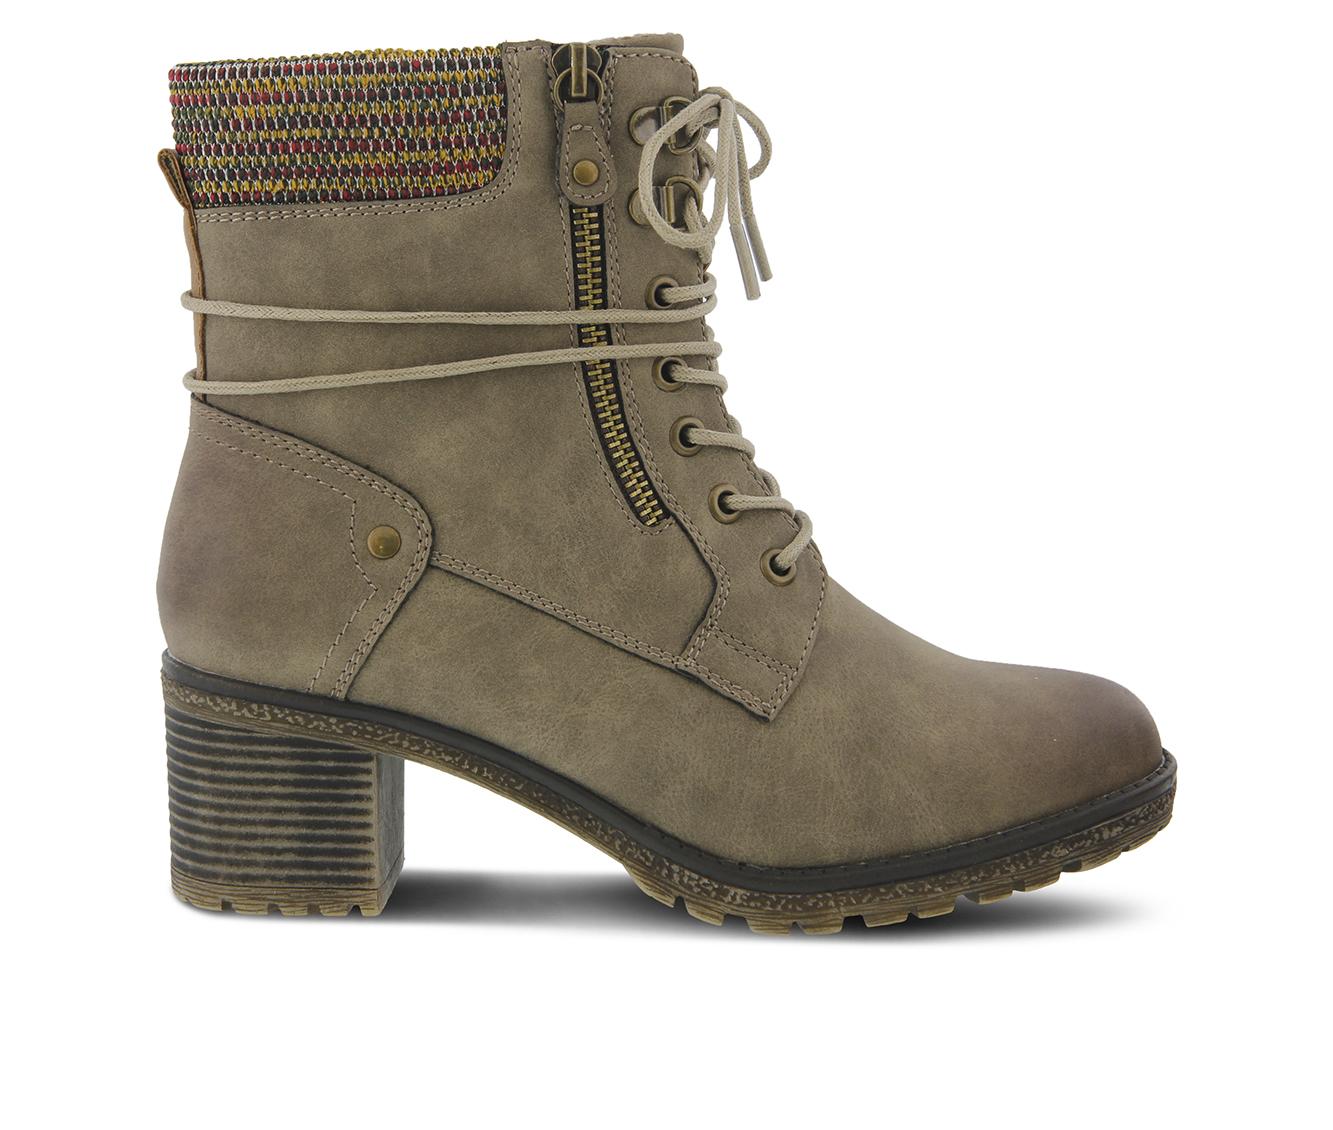 SPRING STEP Hellewn Women's Boots (Beige Canvas)